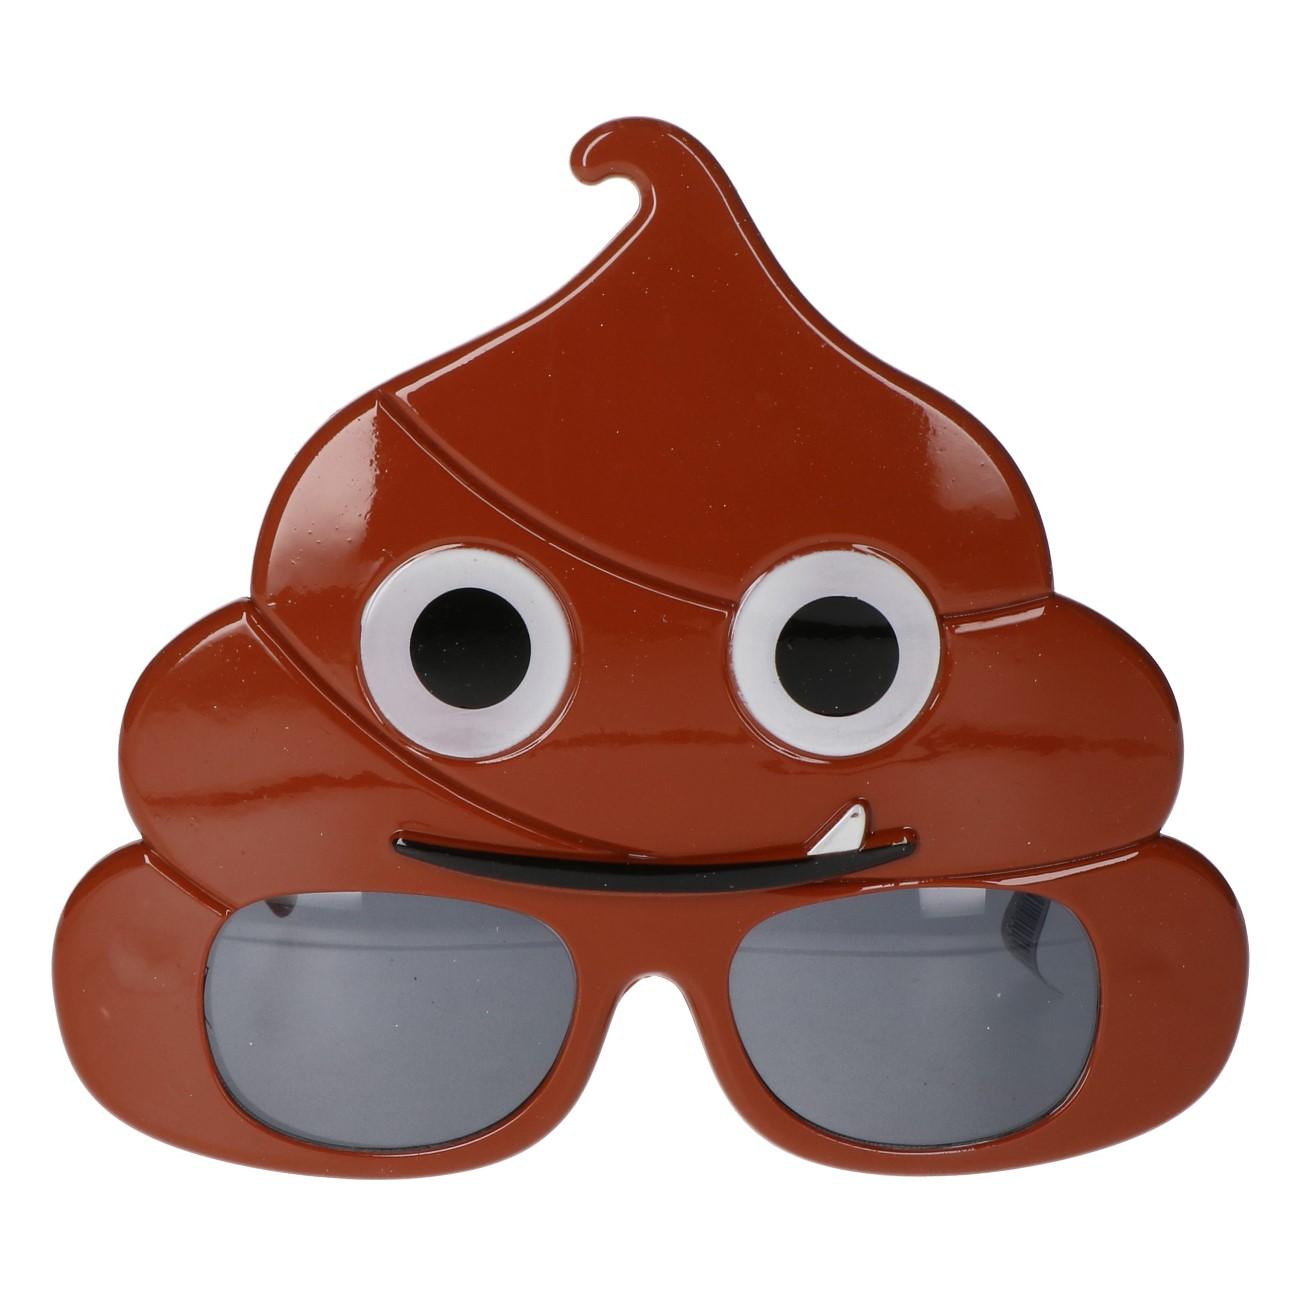 Partybrill emoji poop